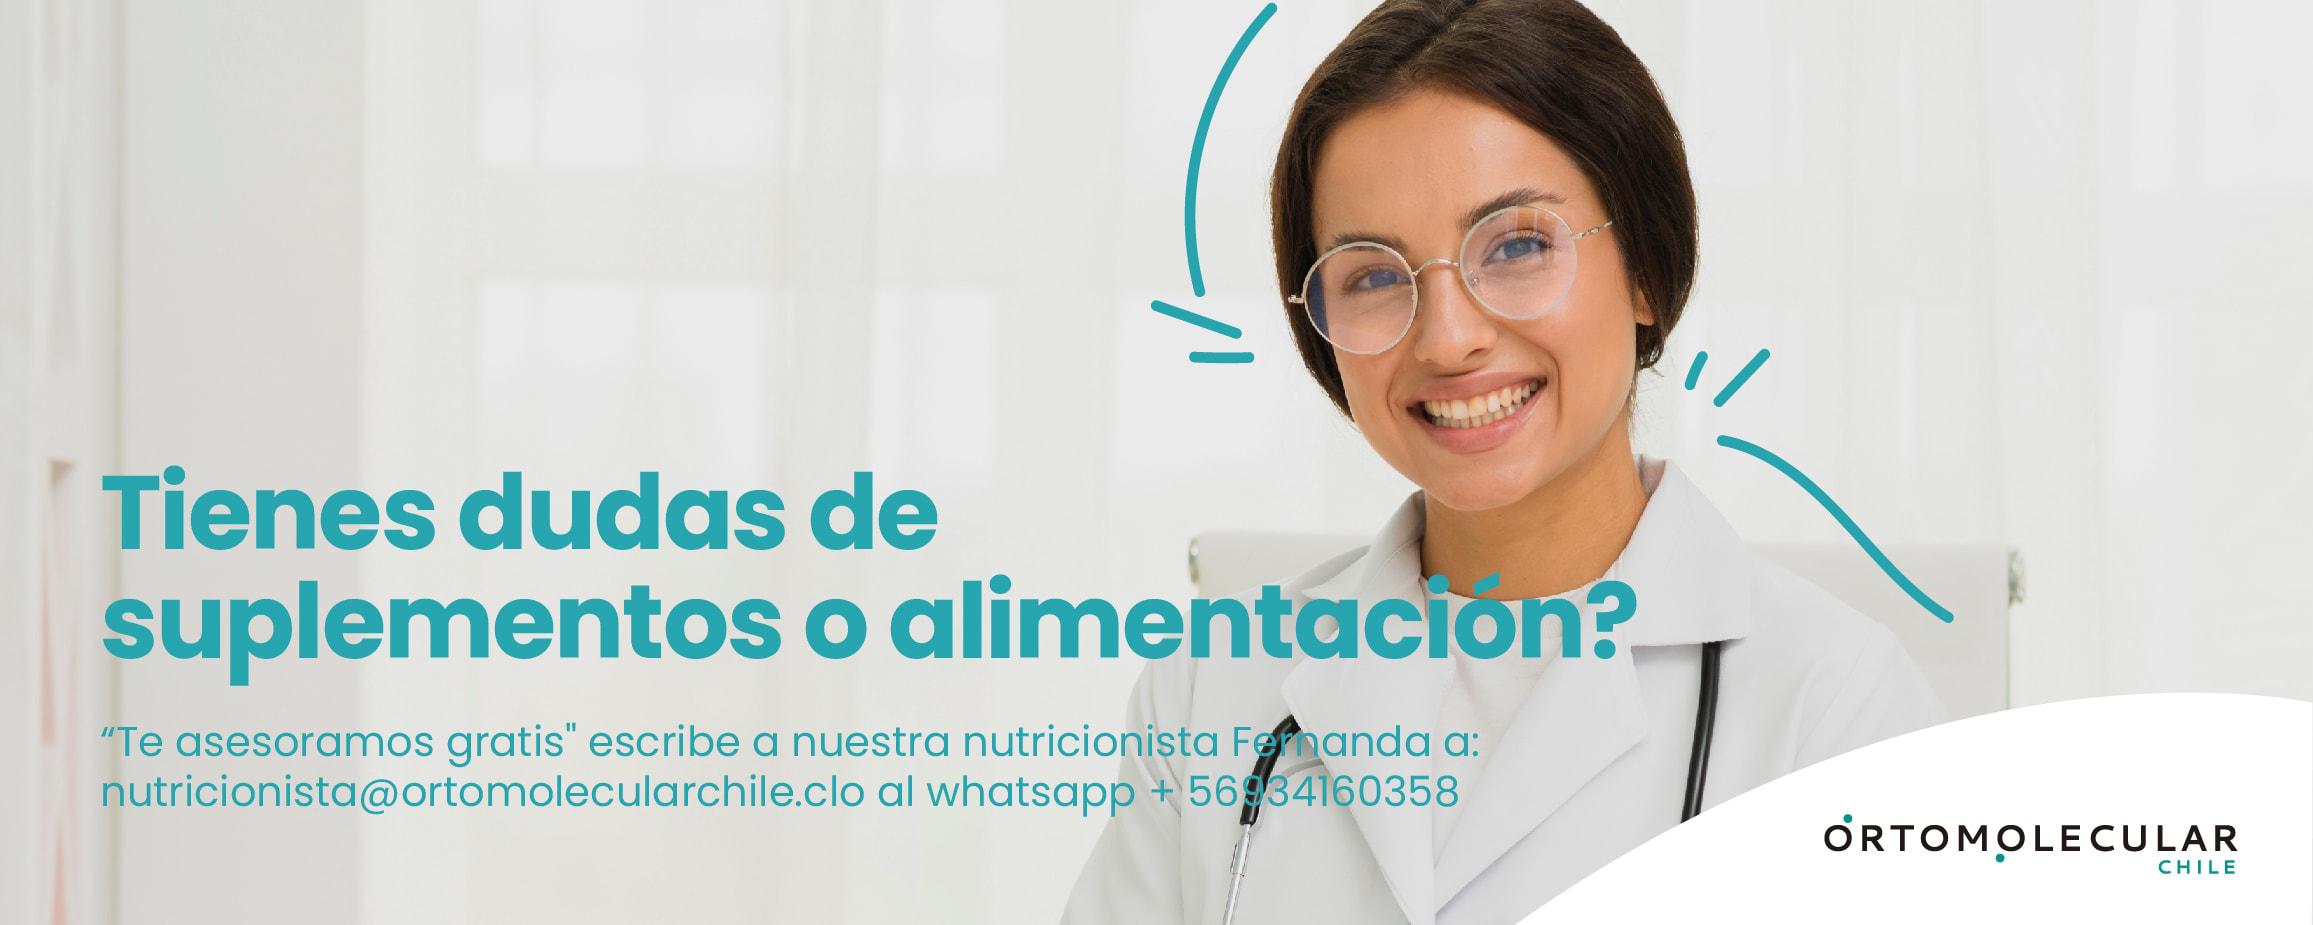 nutricionista ortomolecular, nutricionista integrativa, nutricion, ortomolecular chile, dieta,